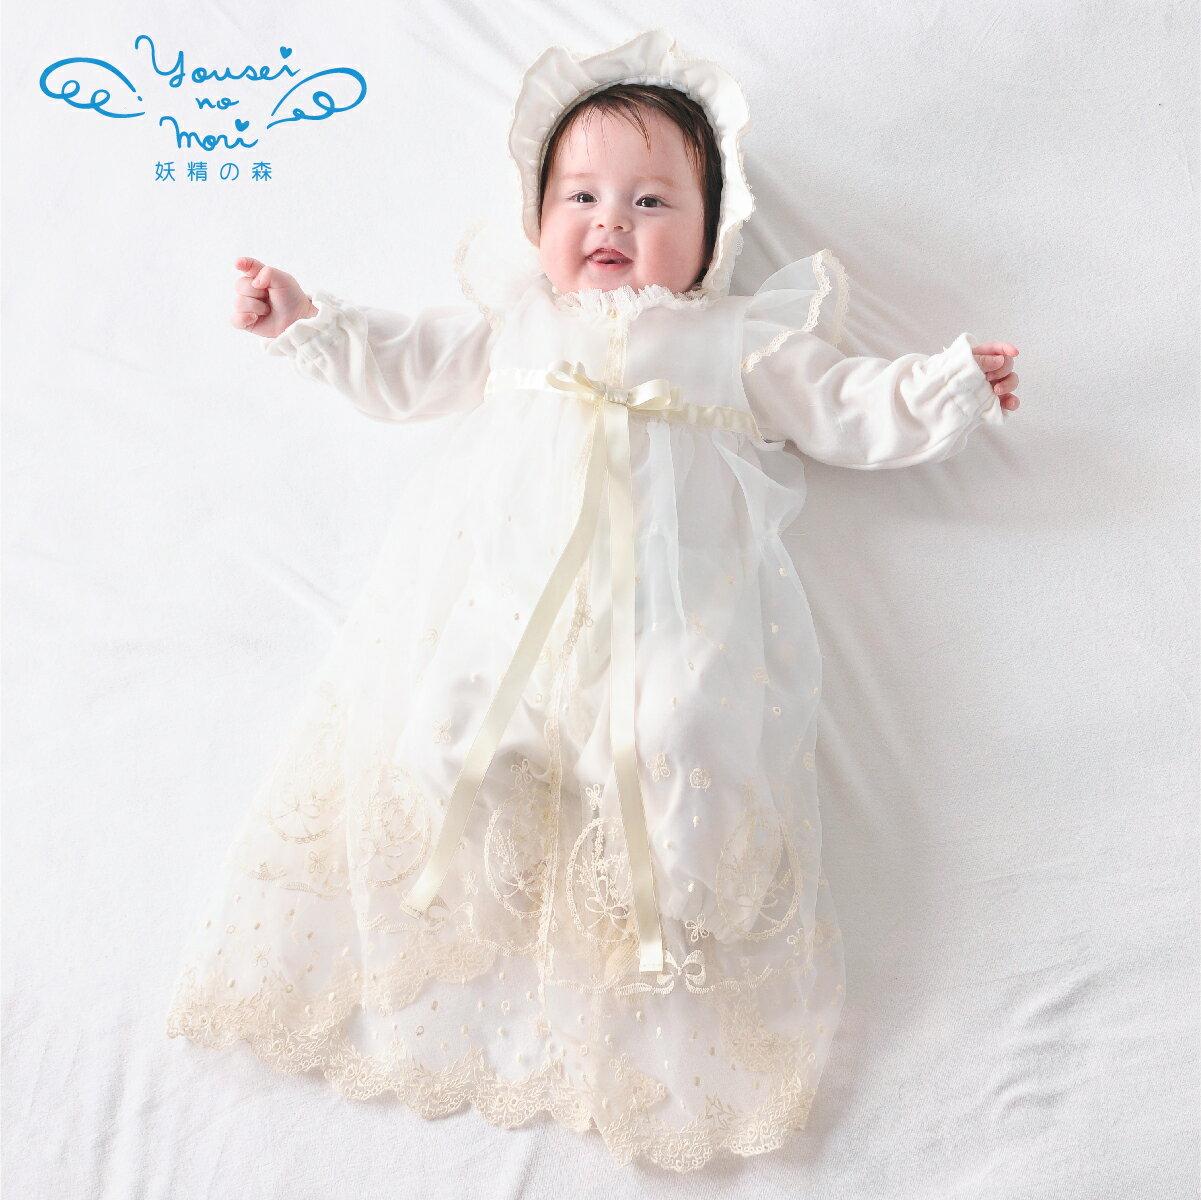 あす楽Youseinomori妖精の森クラシカルレースのセレモニードレス3点セットホワイト《赤ちゃん